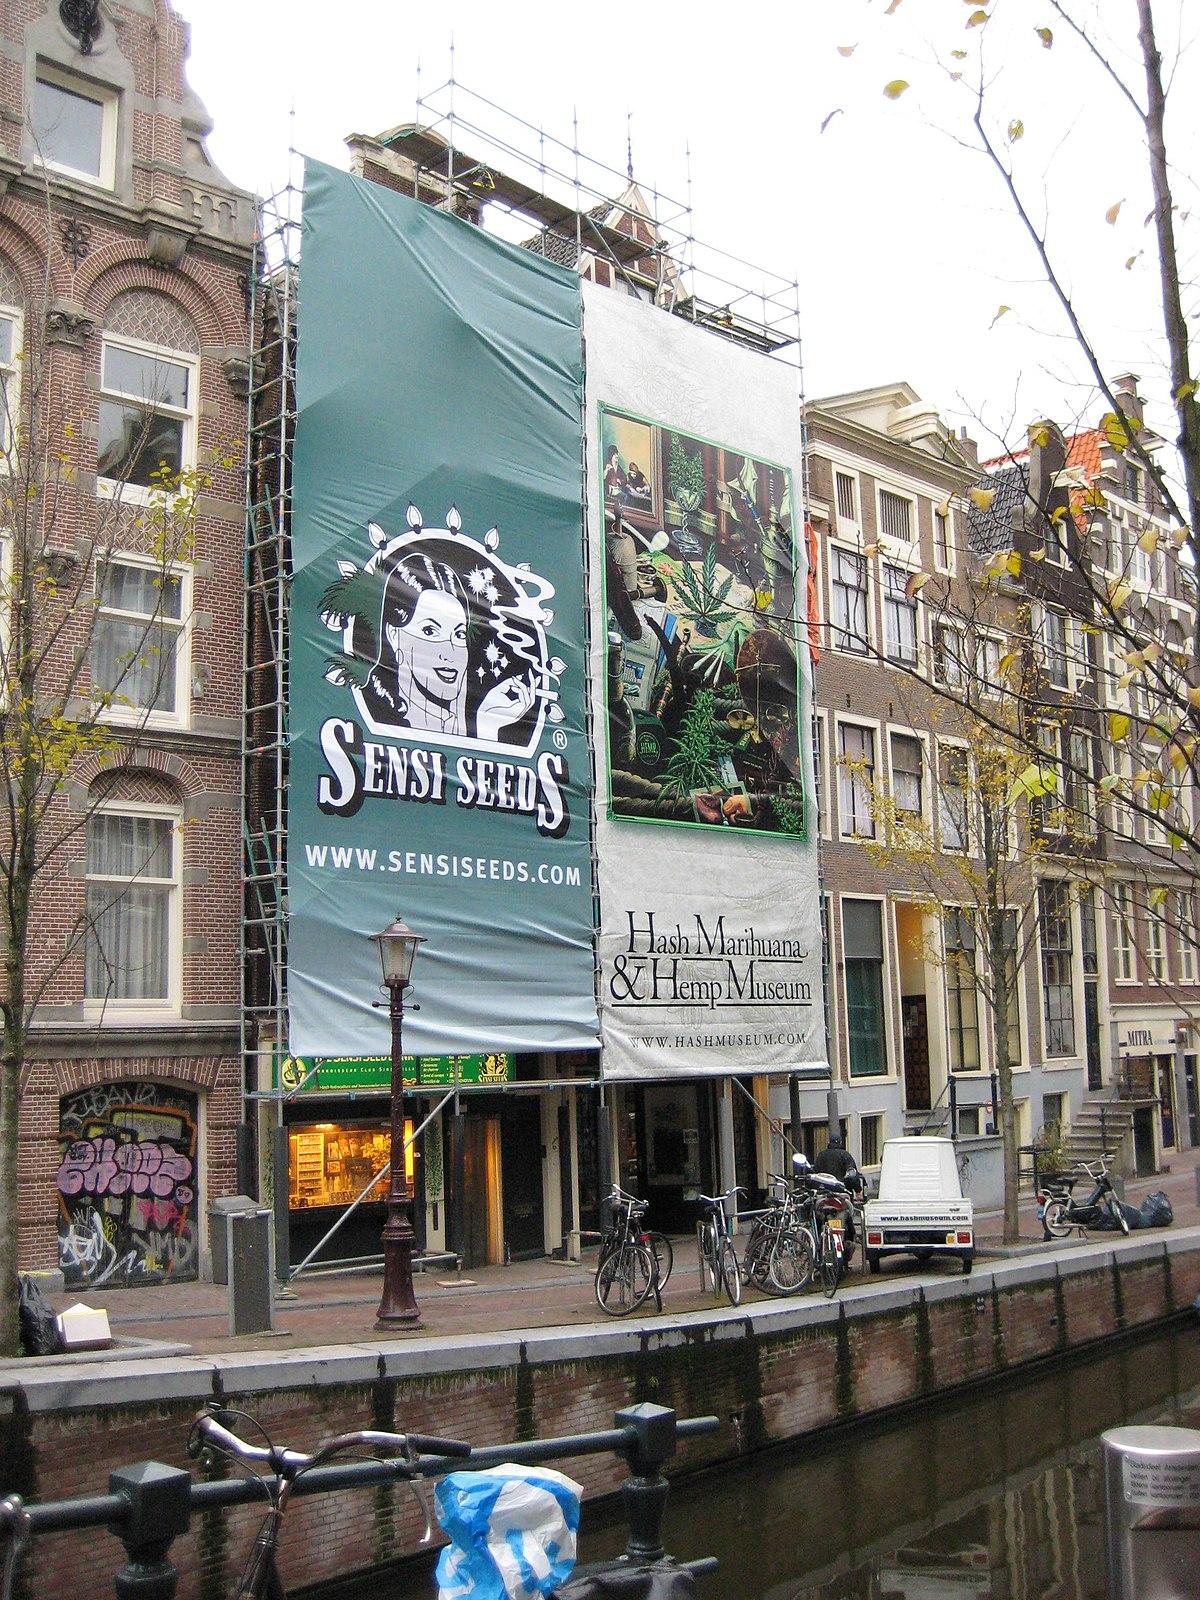 Hash marihuana hemp museum wikidata for Amsterdam museum